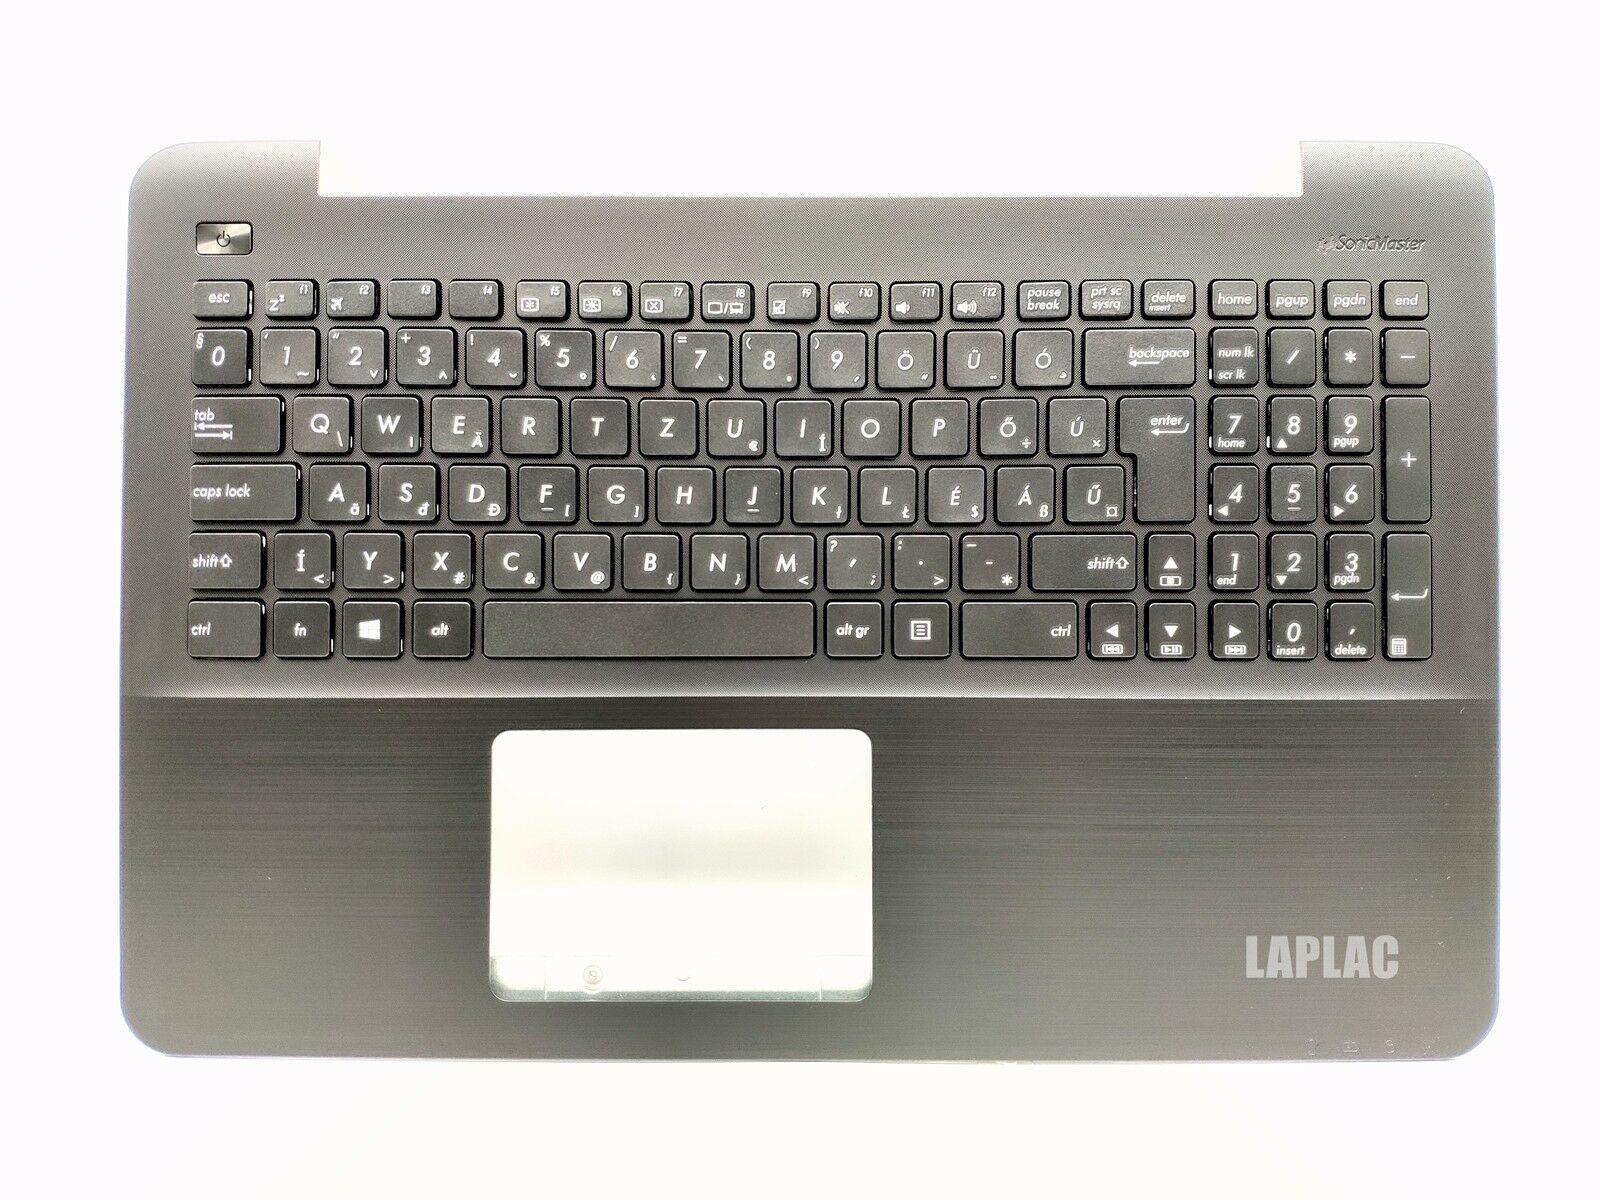 New HU HG Magyar Hungarian Billentyuzet Keyboard with black palmrest for ASUS X554LA X554LD X554LI X554LJ